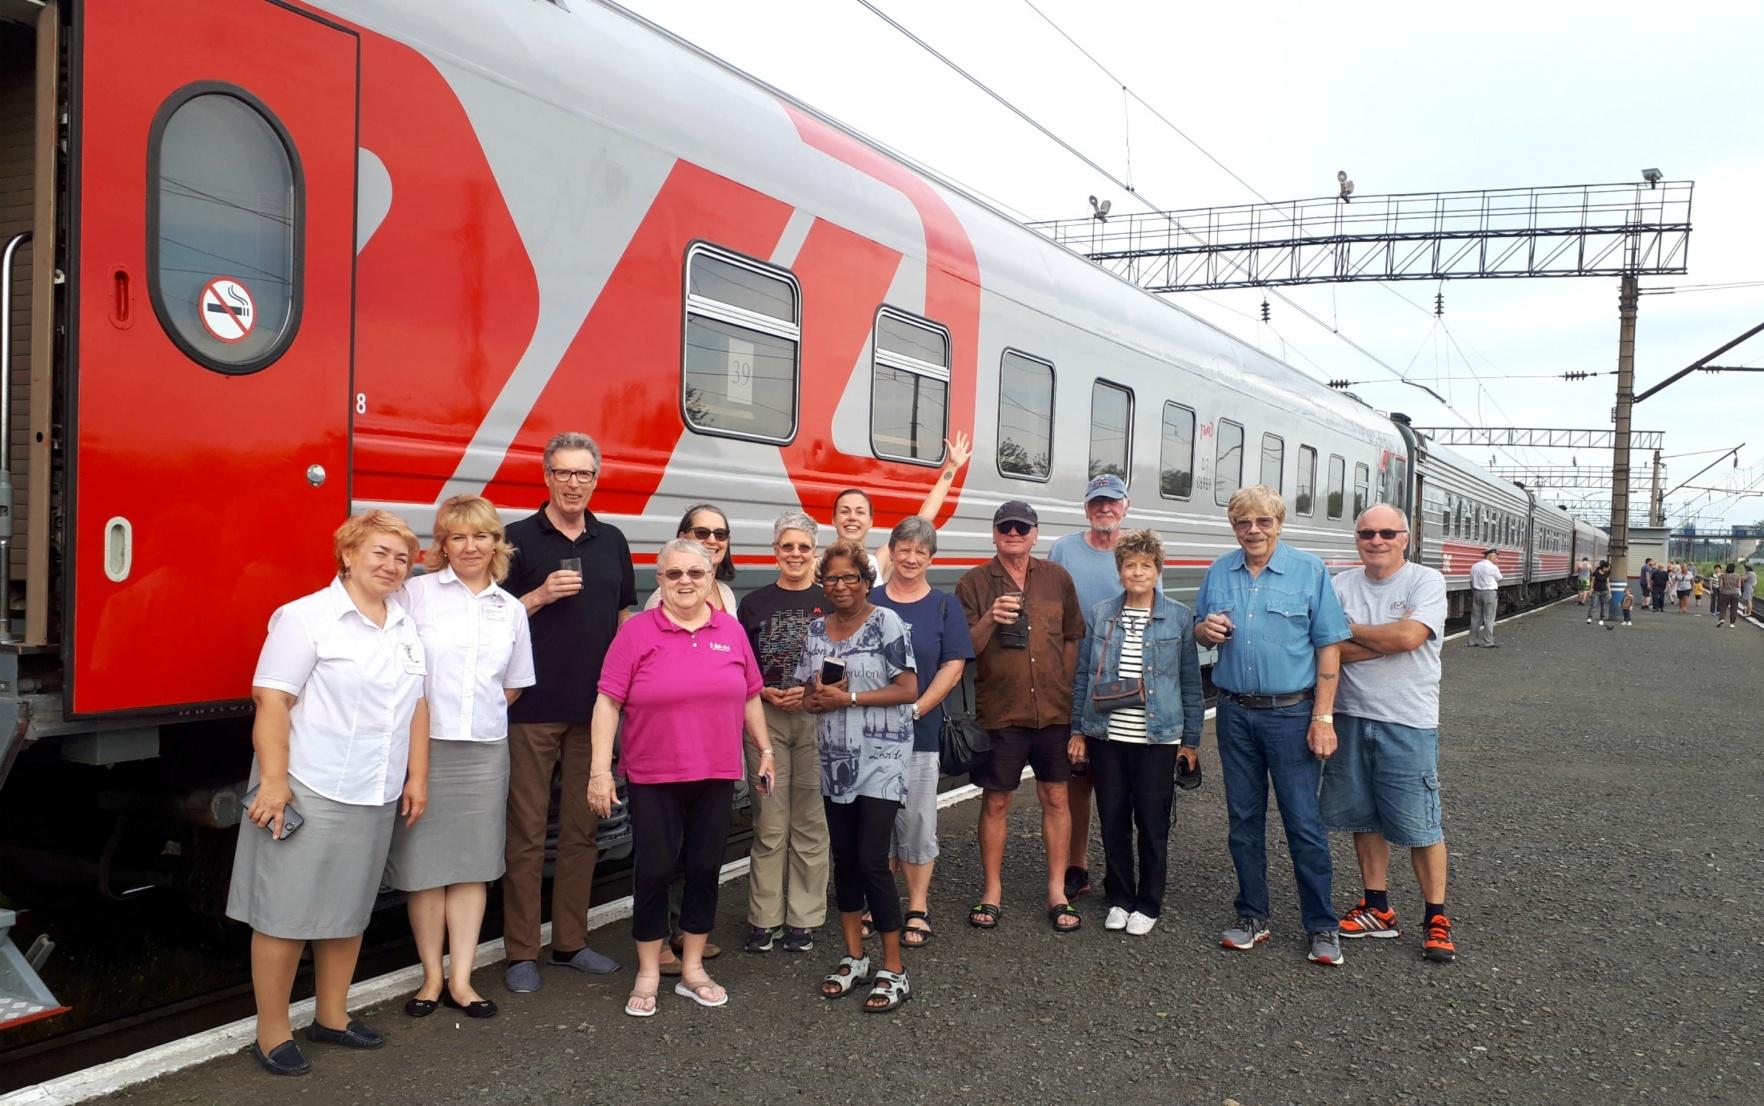 Trans-Siberian Train: Expectation vs Reality